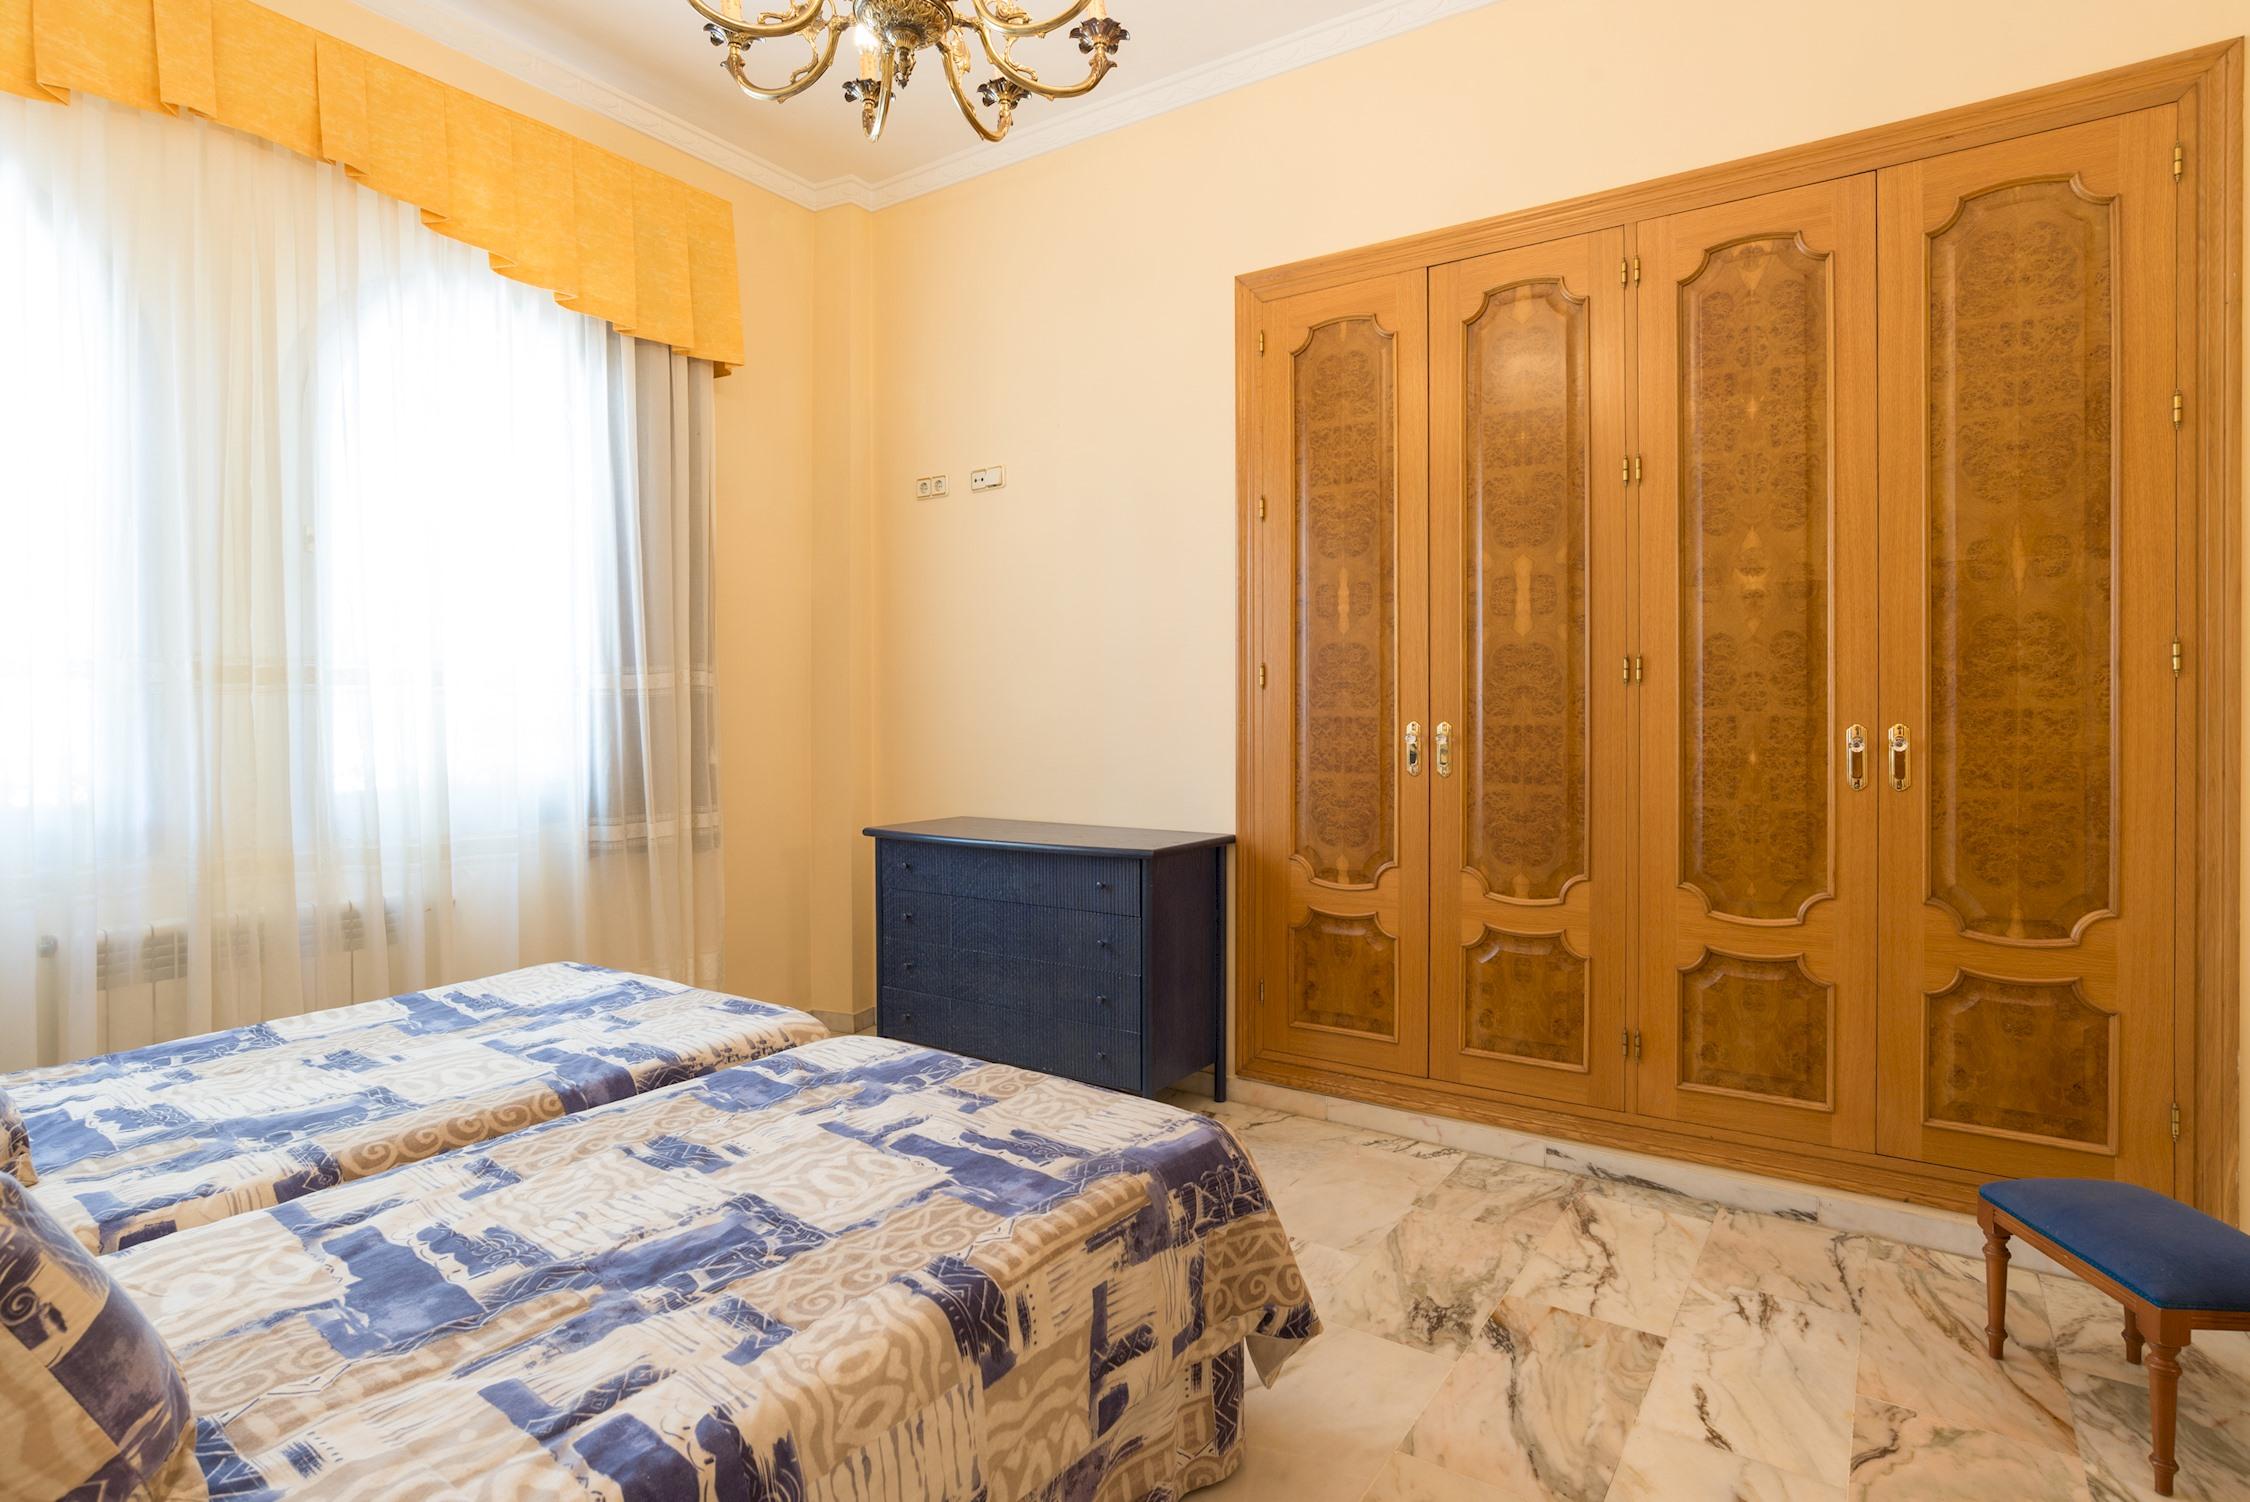 Apartment MalagaSuite Fancy House photo 20506980